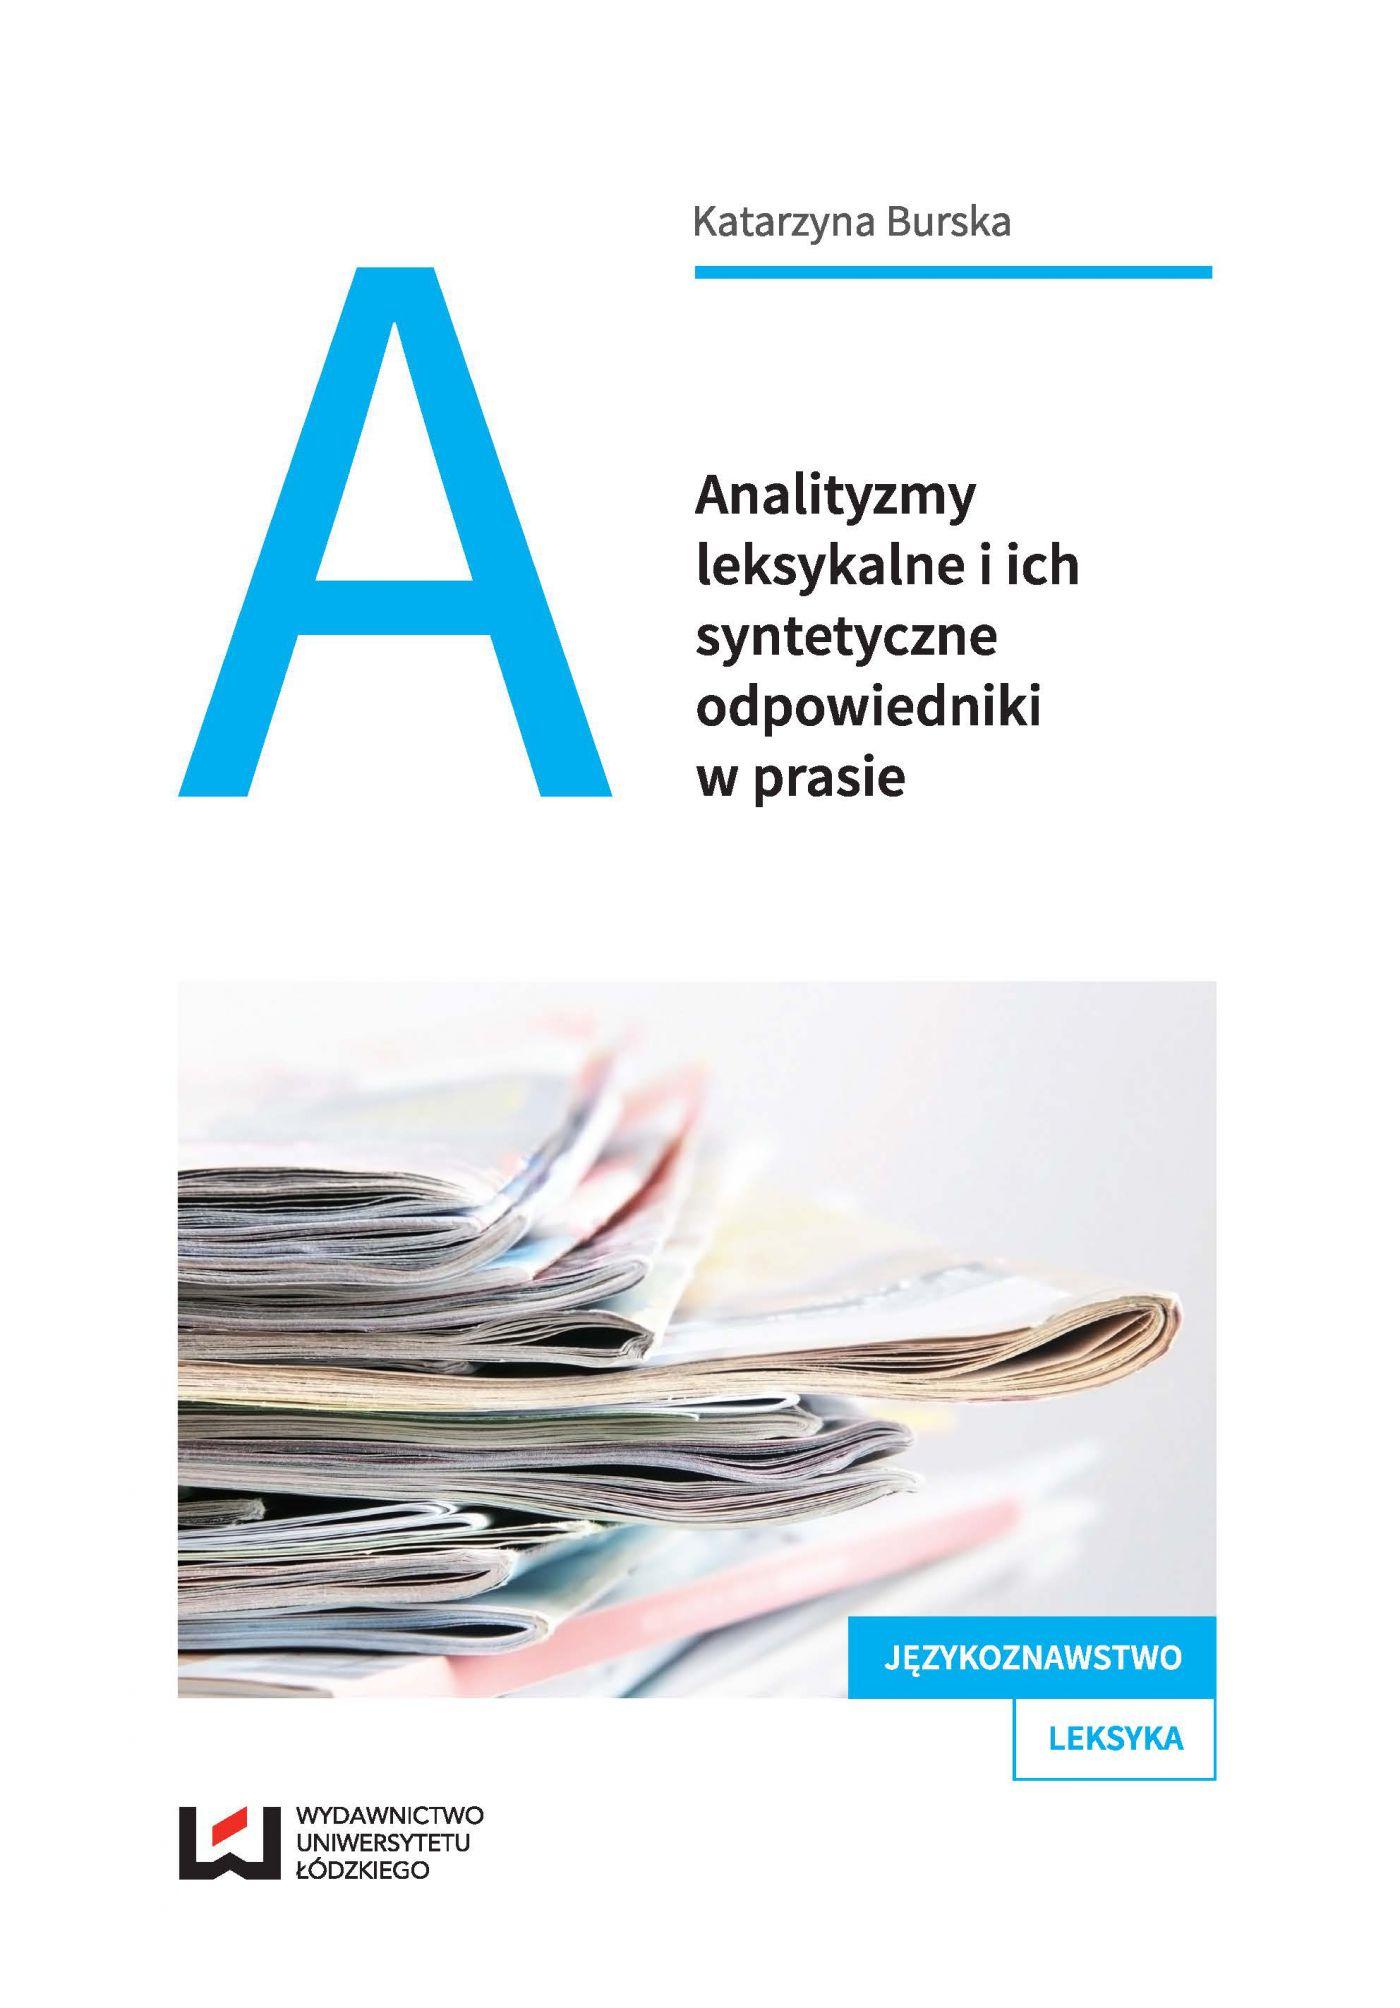 Analityzmy leksykalne i ich syntetyczne odpowiedniki w prasie - Ebook (Książka PDF) do pobrania w formacie PDF